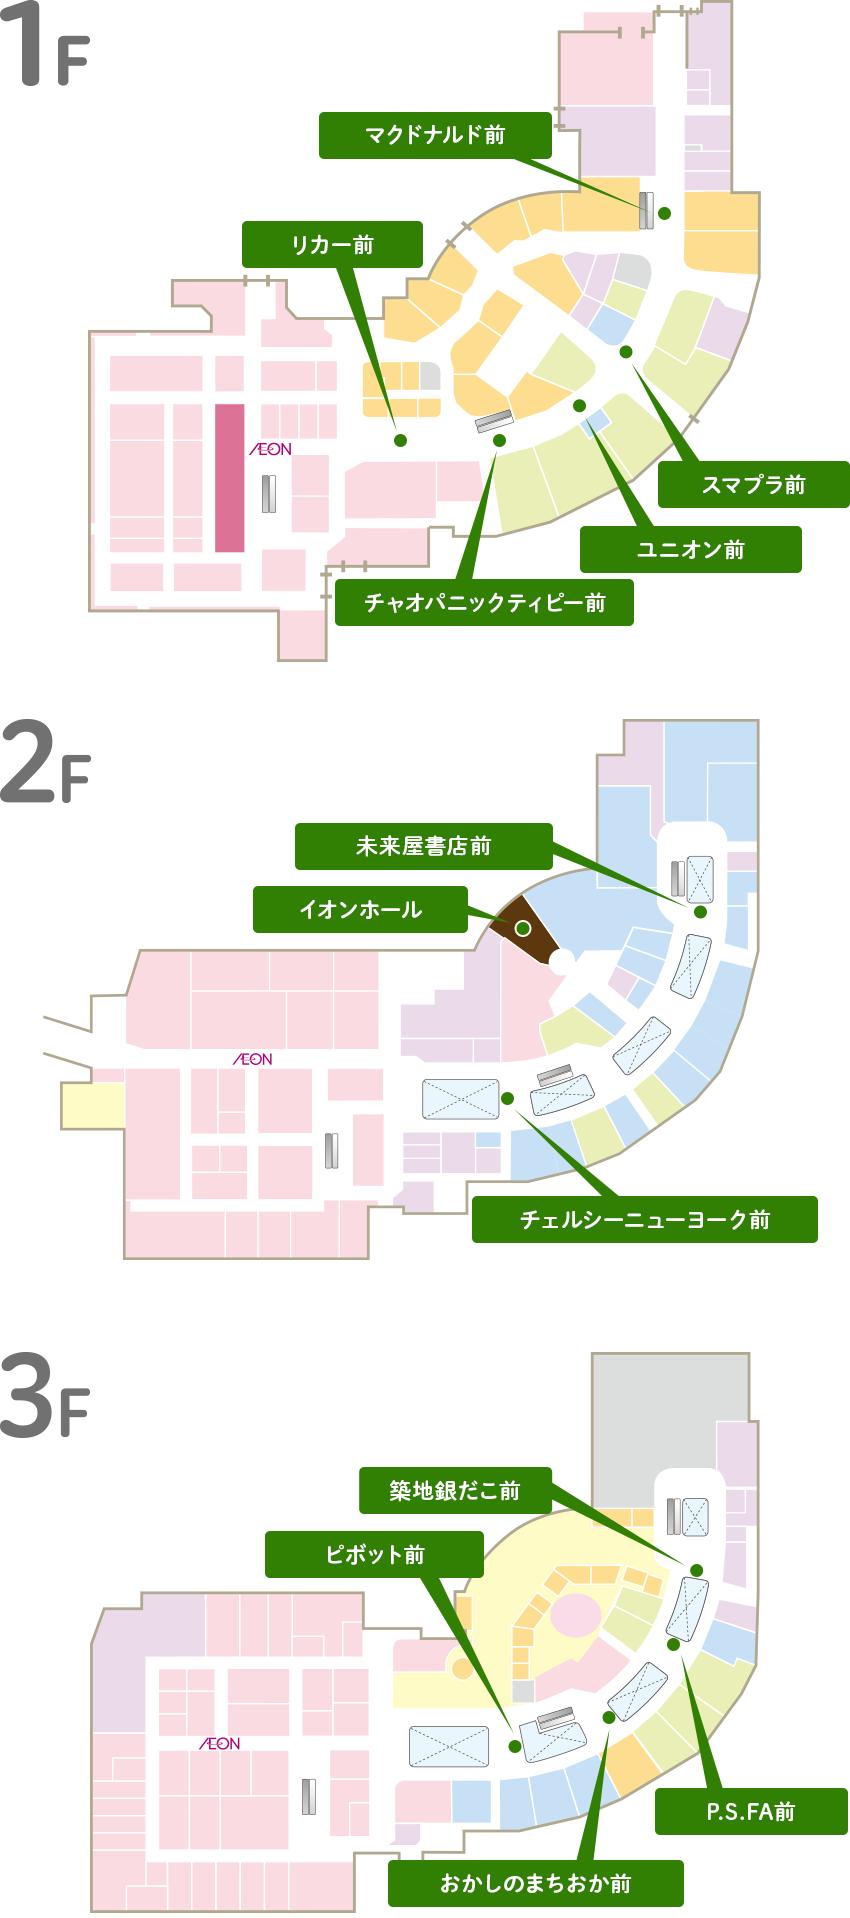 久留米 東 イオン モール